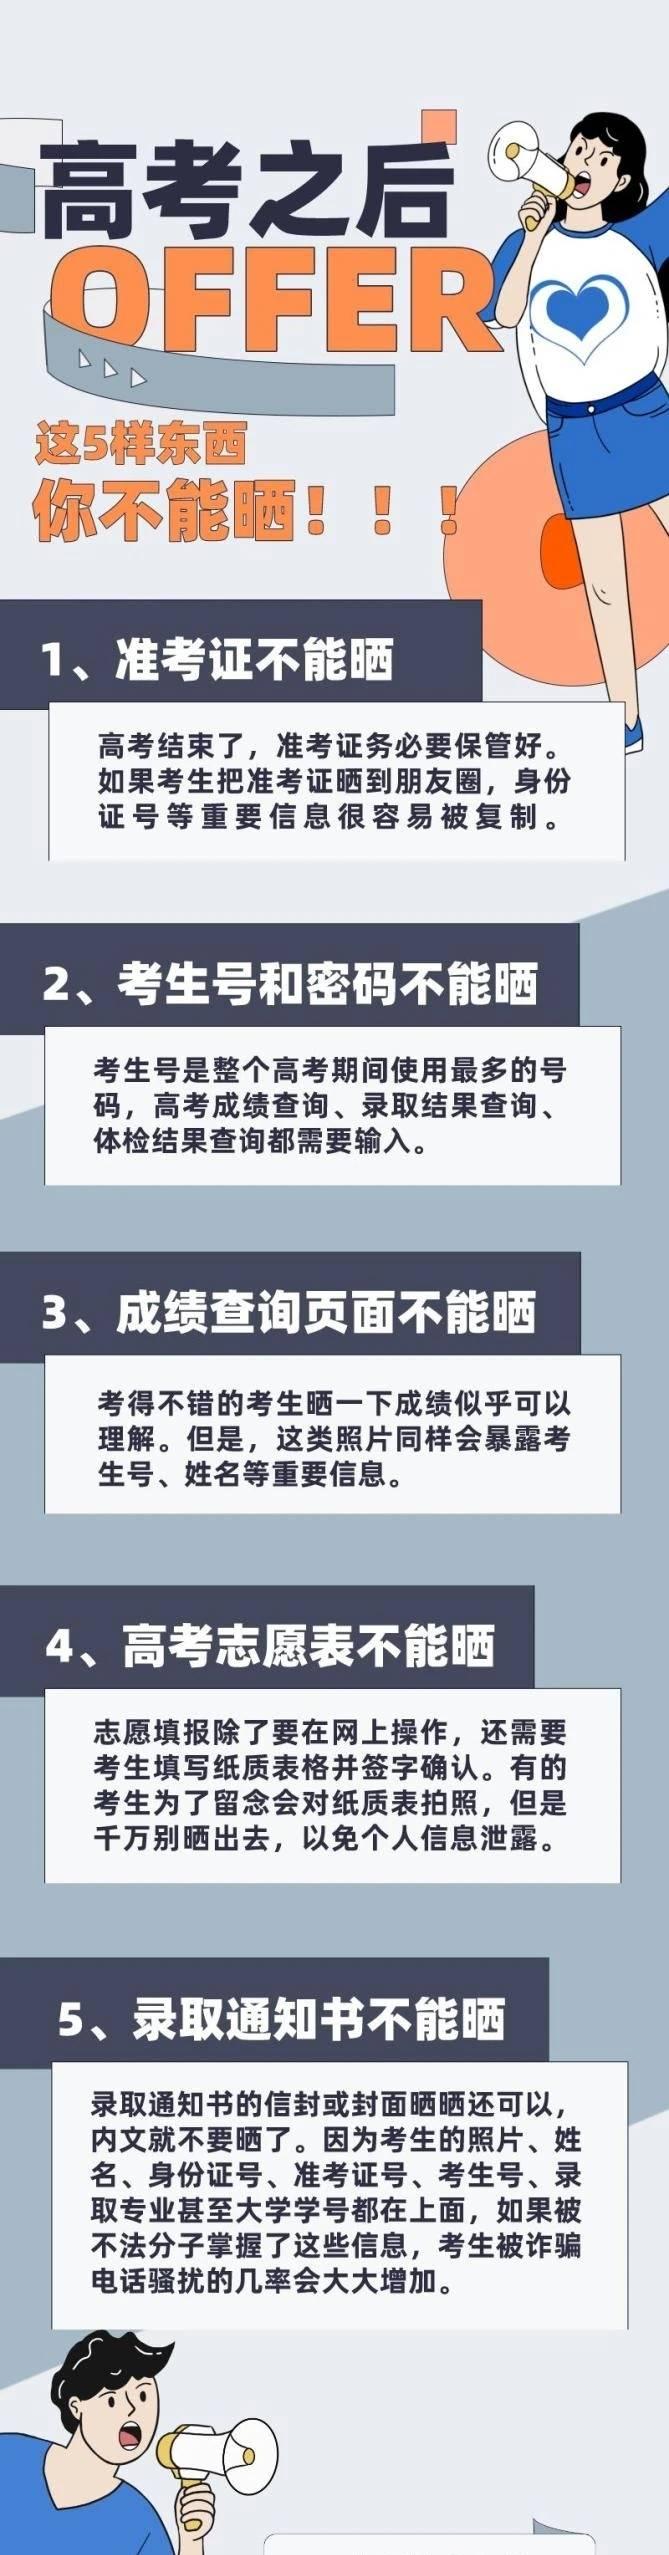 山东师范大学2020年省内提前批录取信息出炉